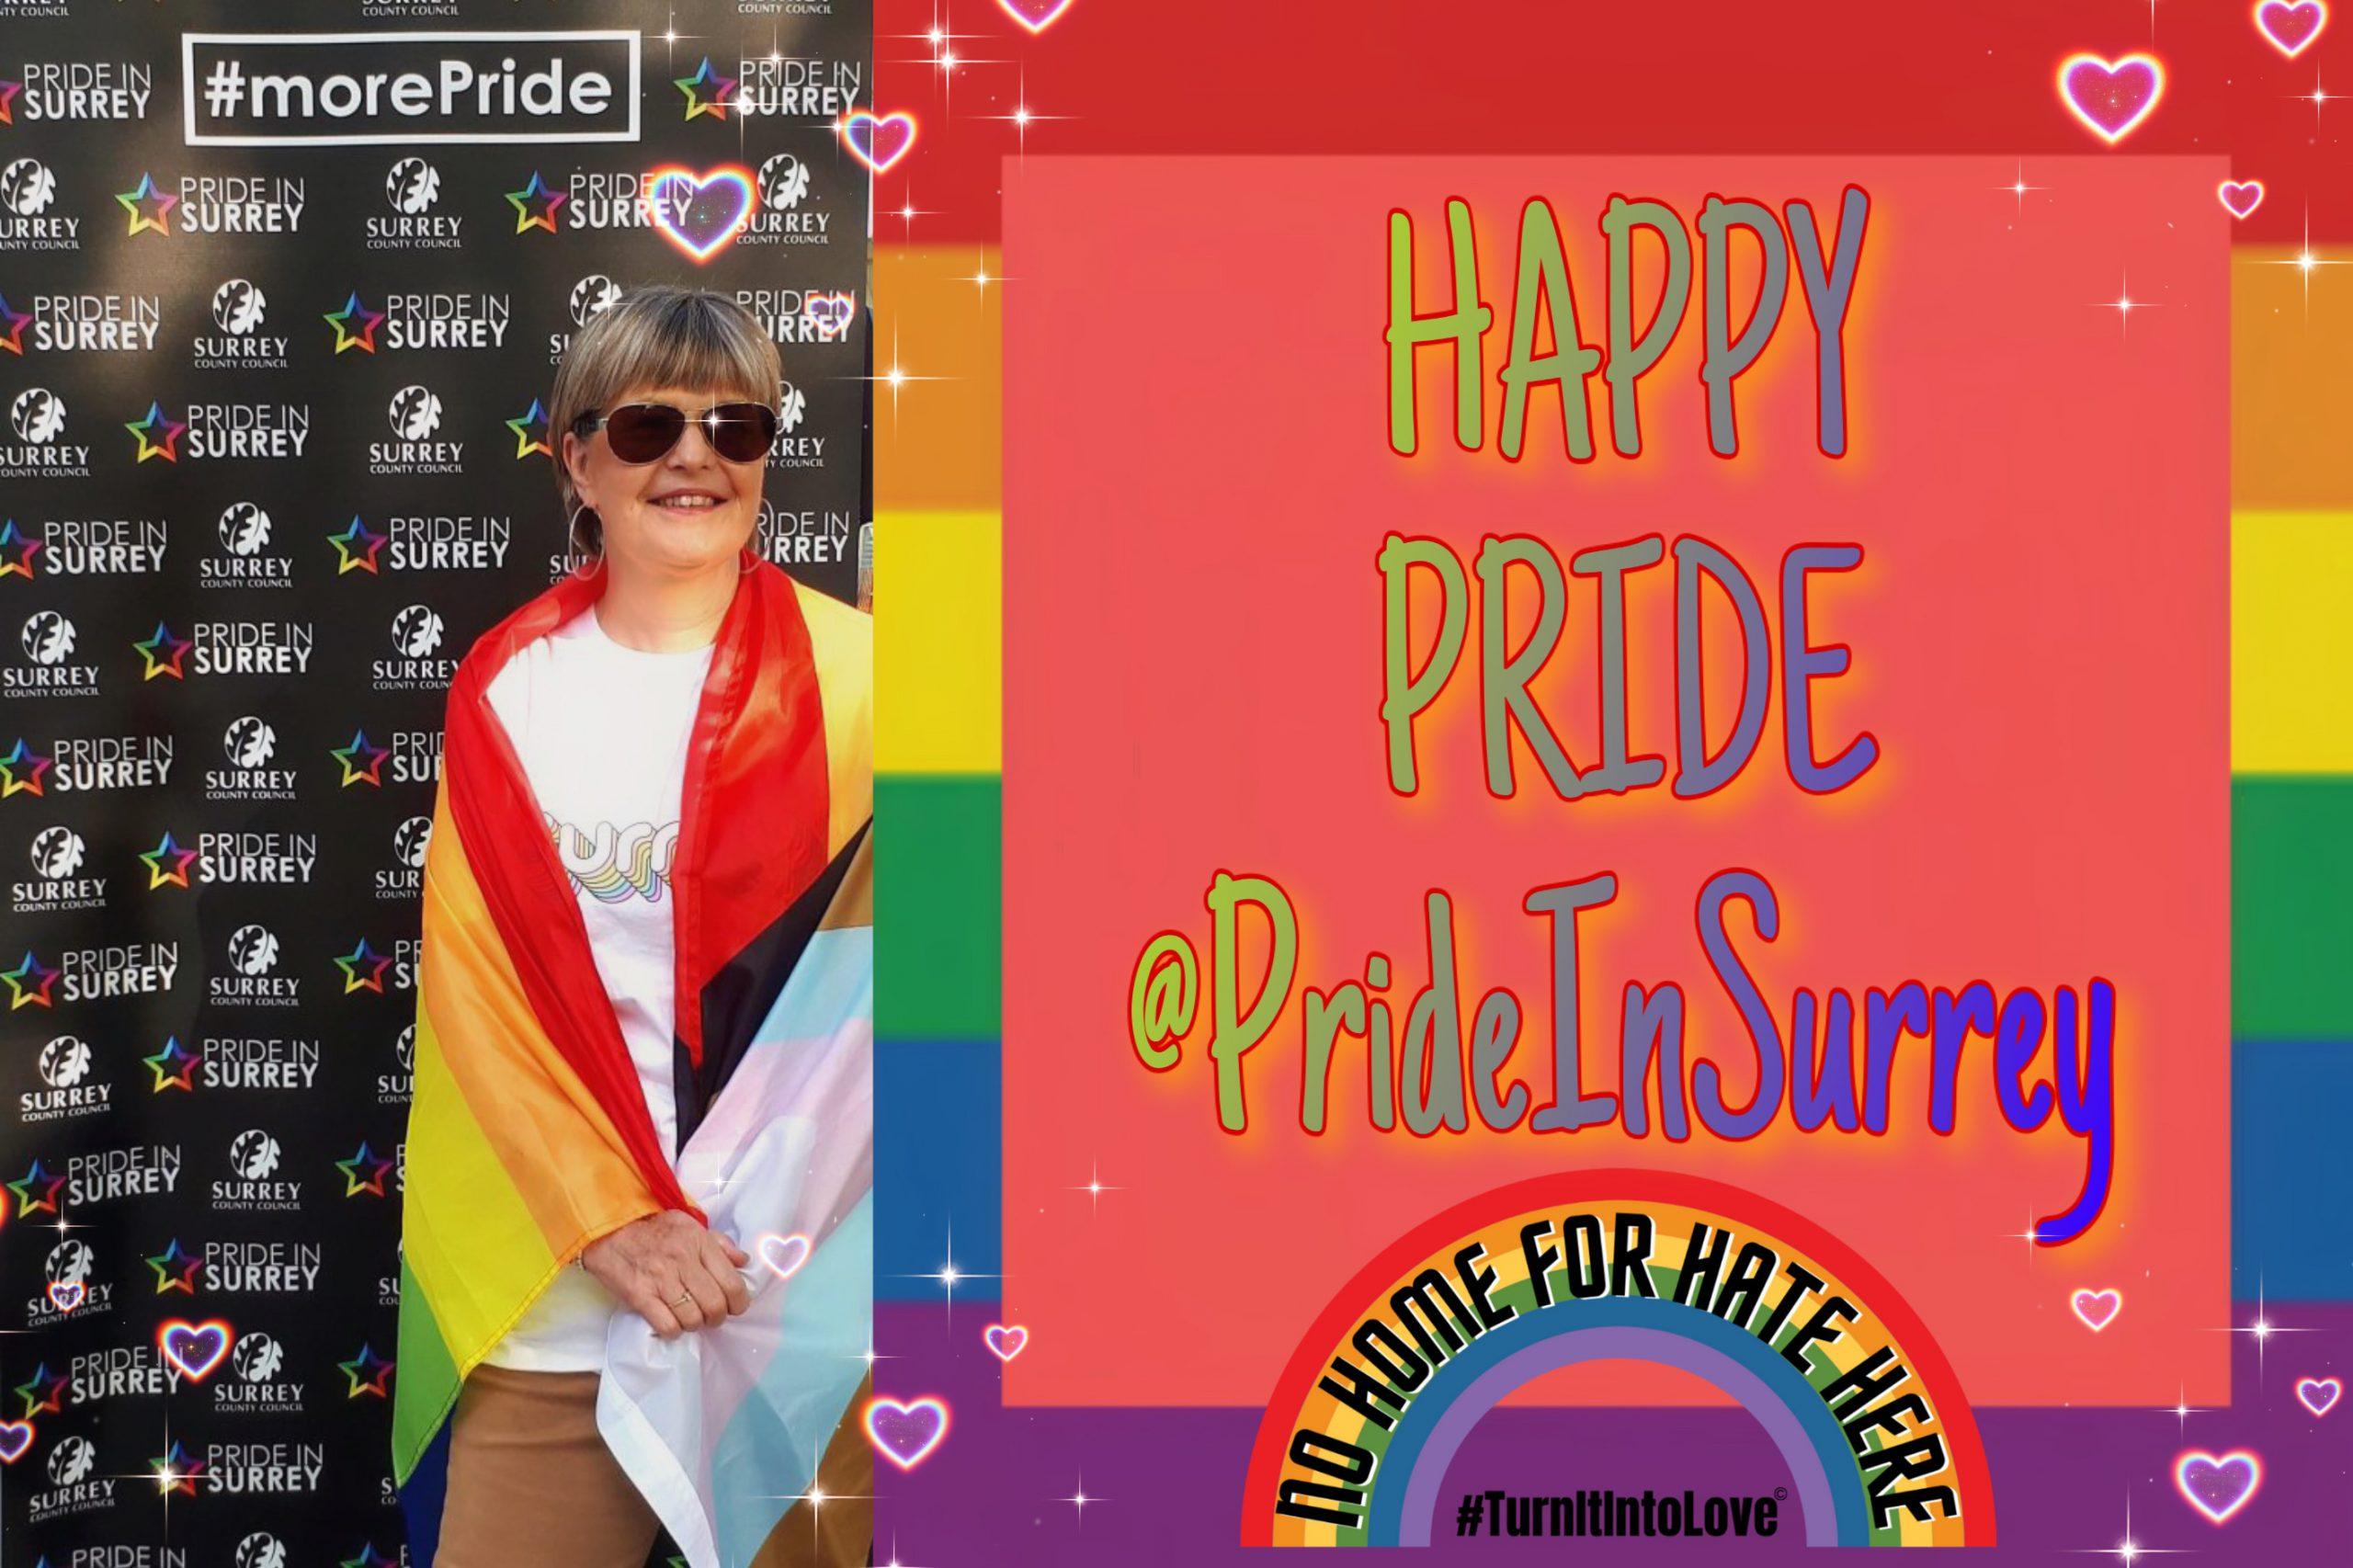 Happy Pride in Surrey!